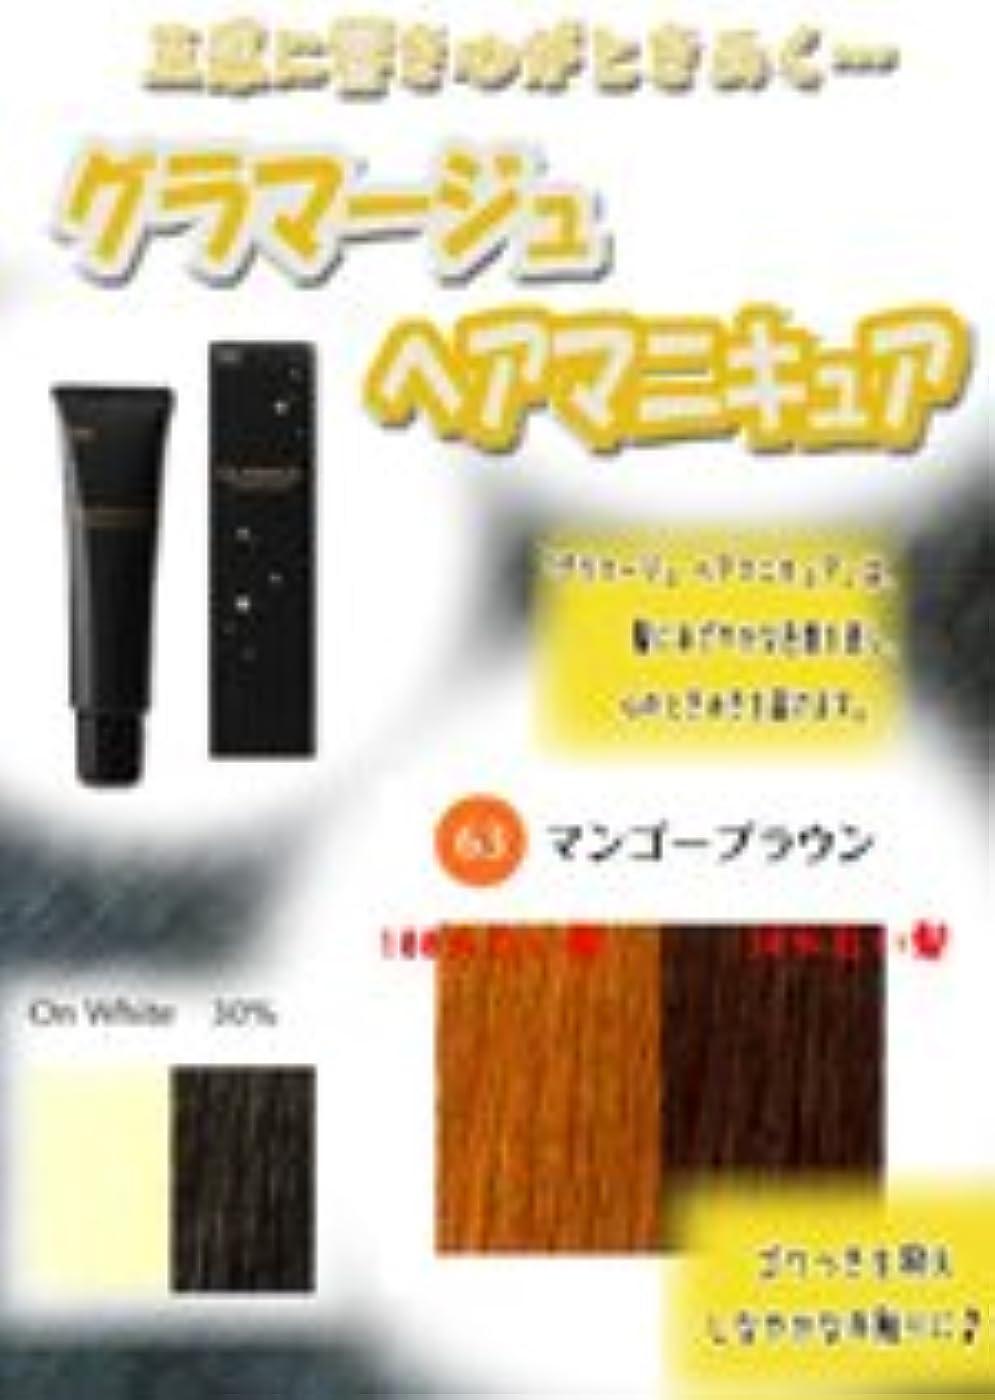 相関する積分吸収剤HOYU ホーユー グラマージュ ヘアマニキュア 63マンゴーブラウン 150g 【ブラウン系】